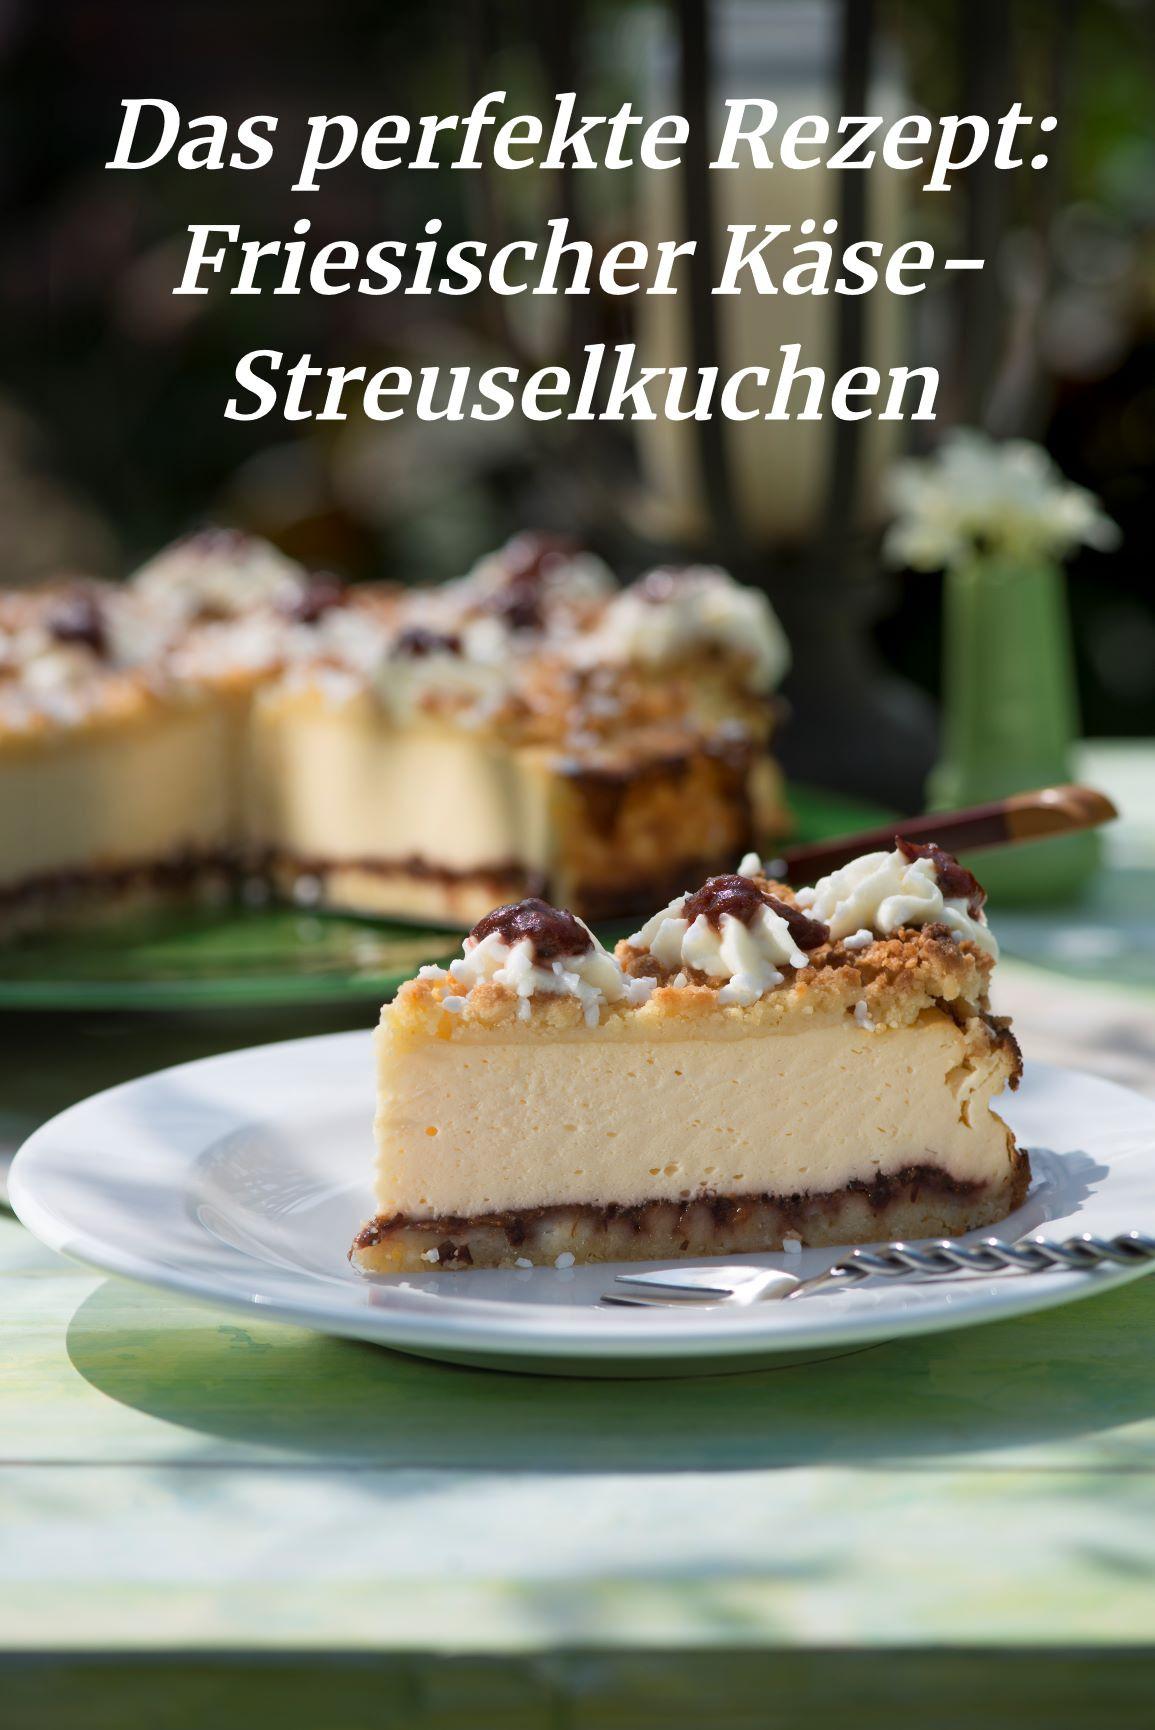 Friesischer Käse-Streuselkuchen